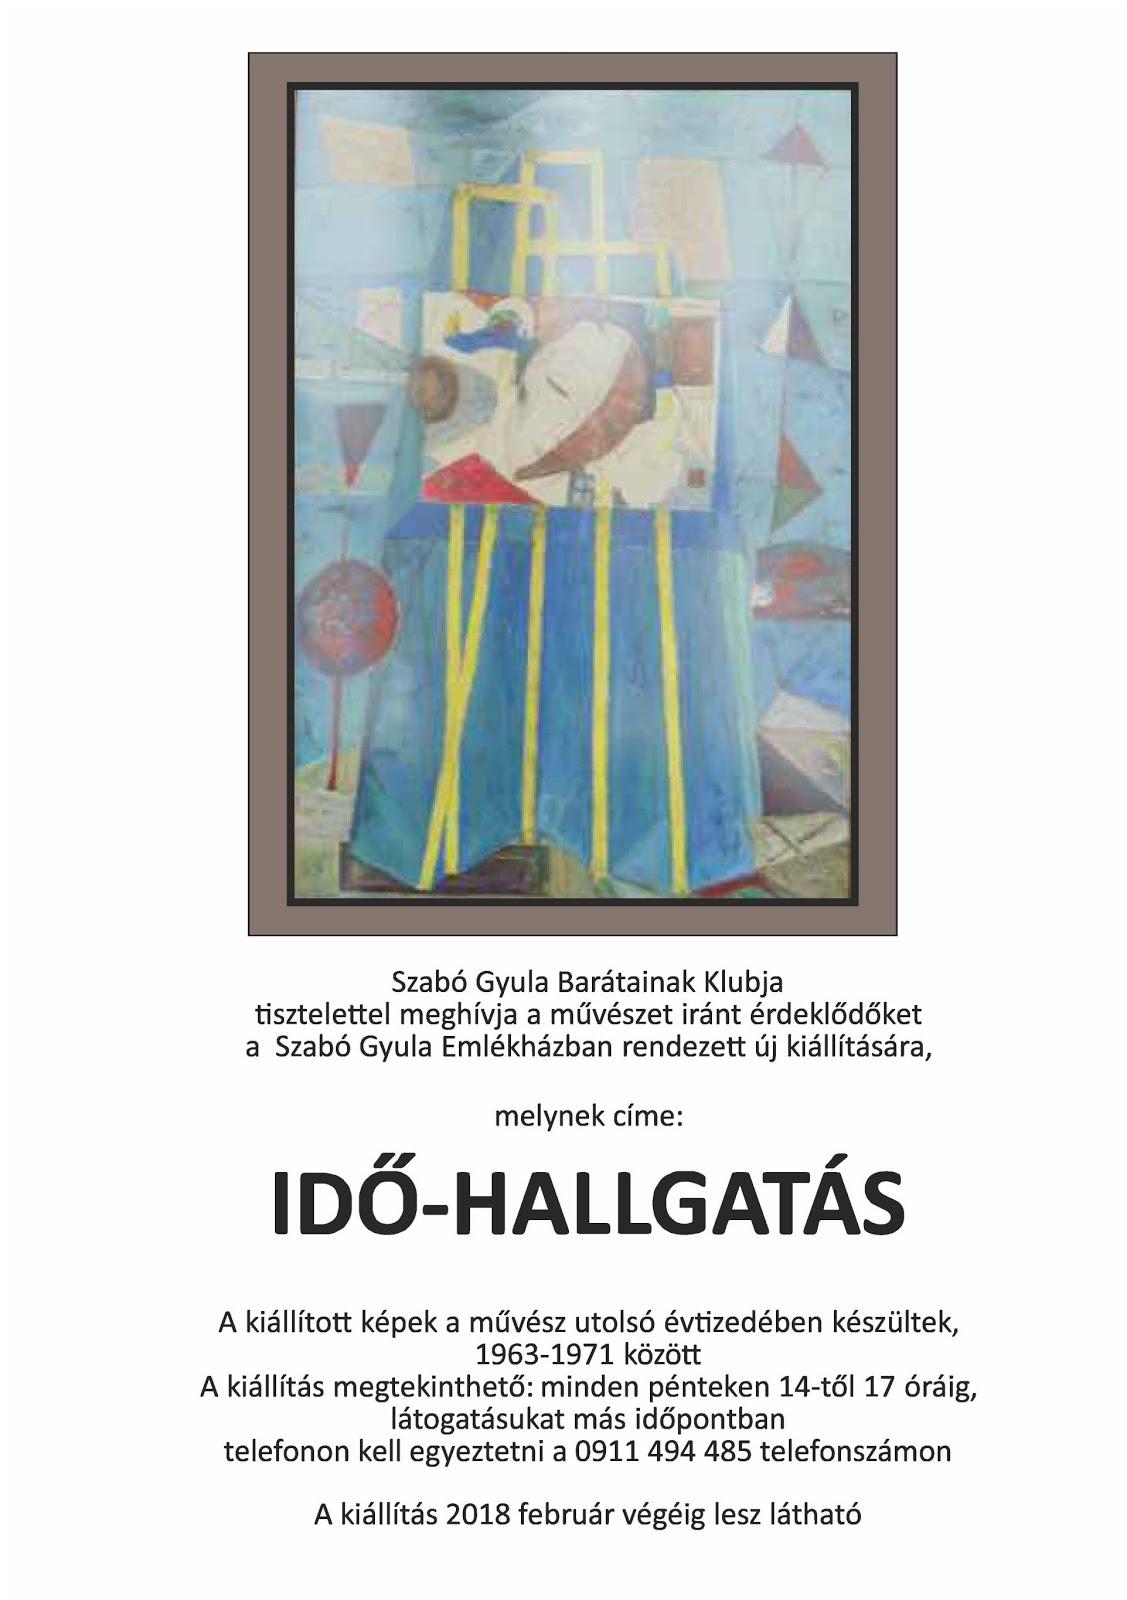 IDŐ-HALLGATÁS a Szabó Gyula Emlékházban